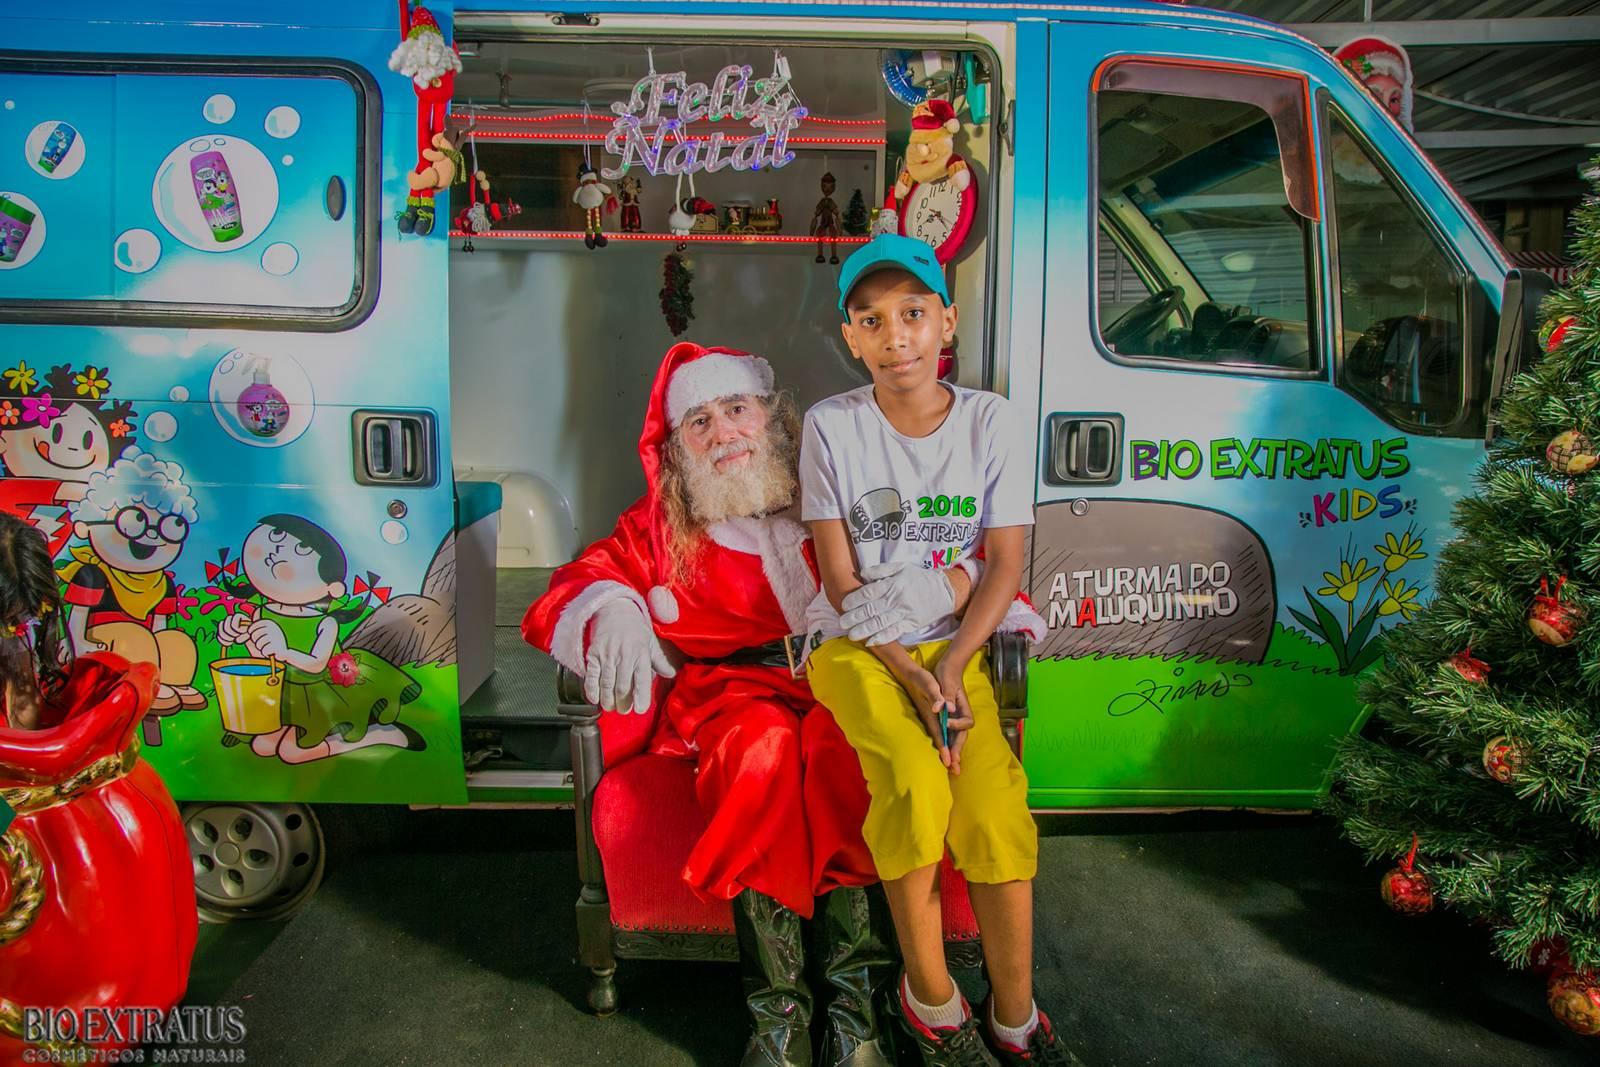 Confraternização de Natal Bio Extratus 2015 para as crianças (22)